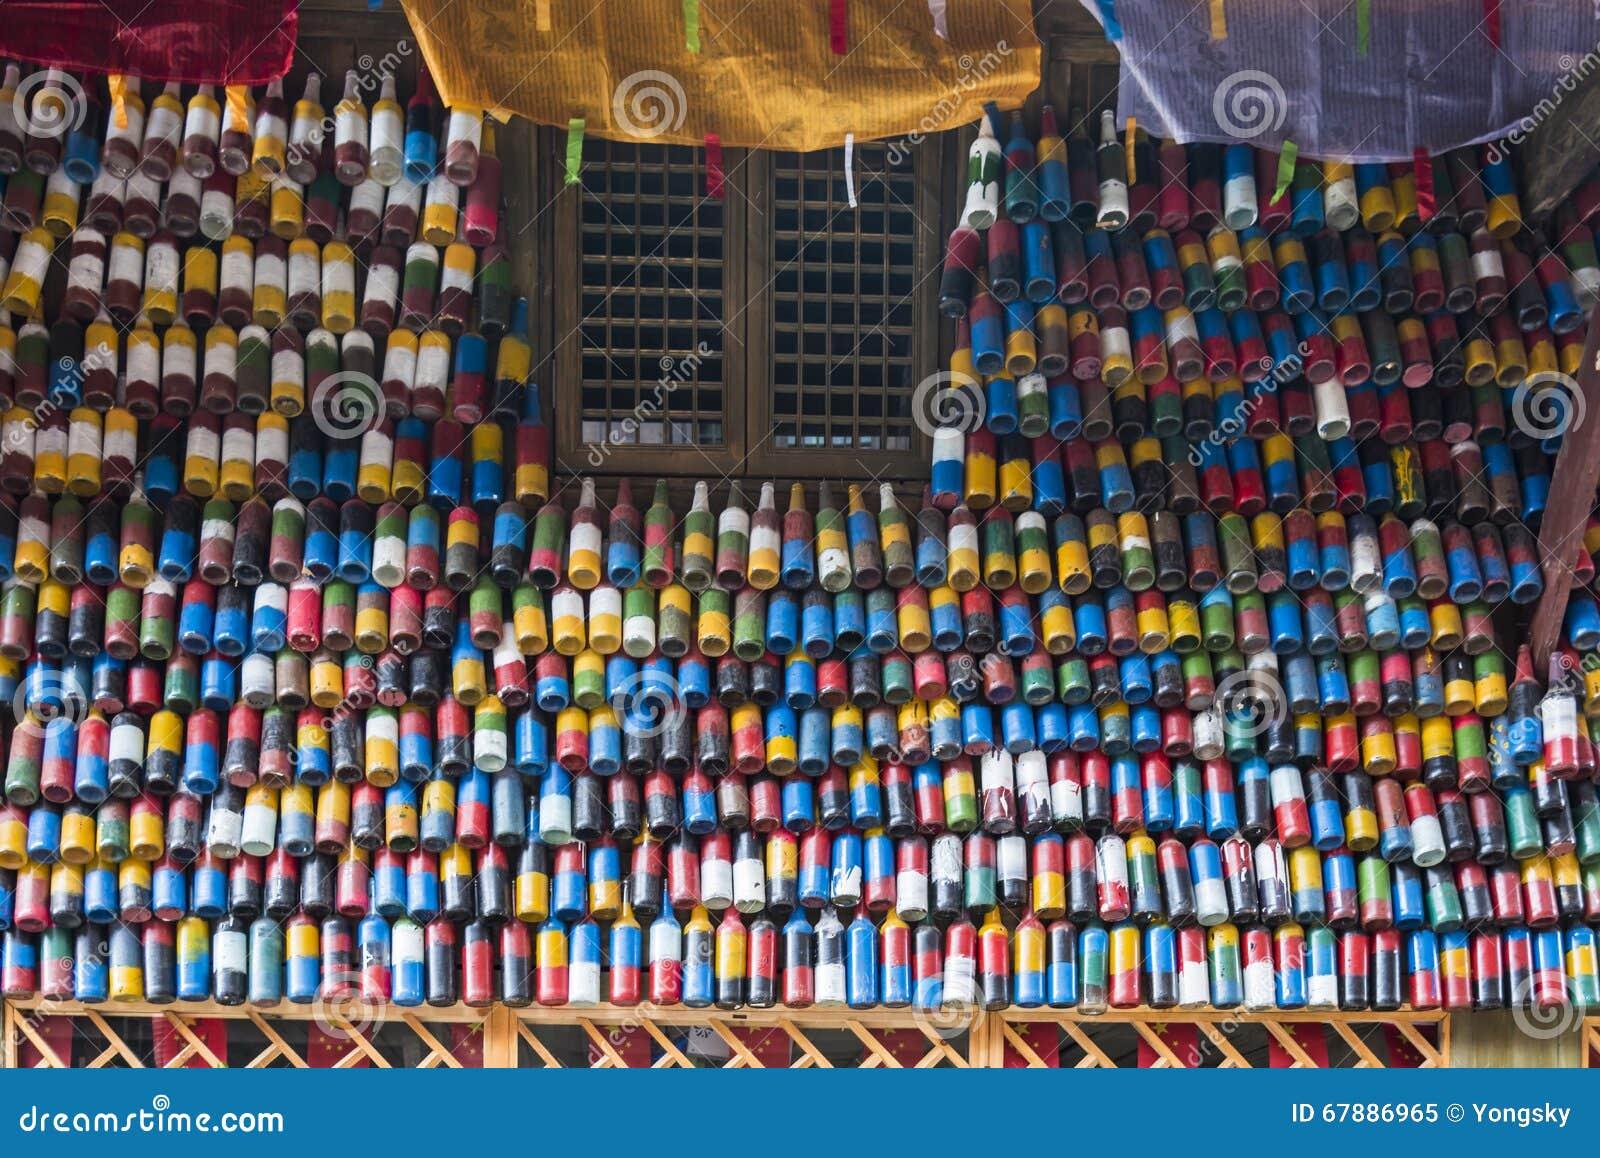 Botellas de cerveza coloridas